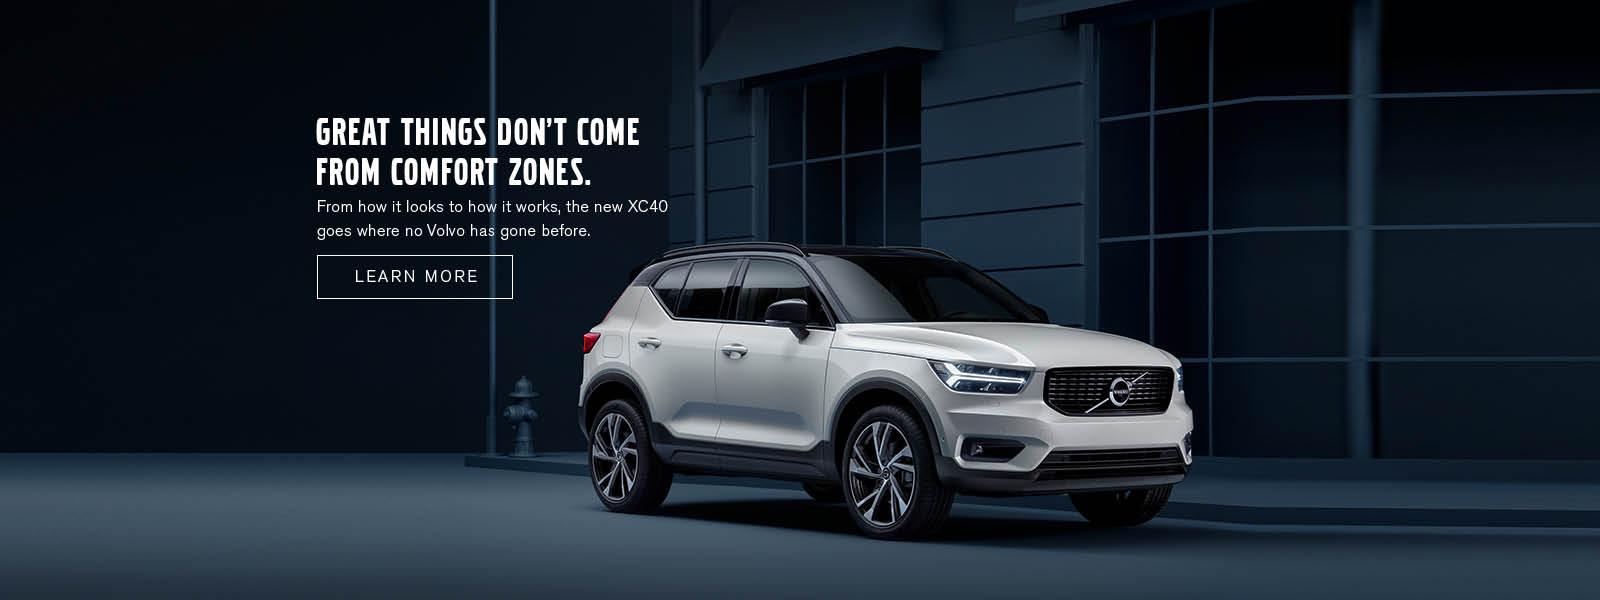 Volvo dealers in wisconsin